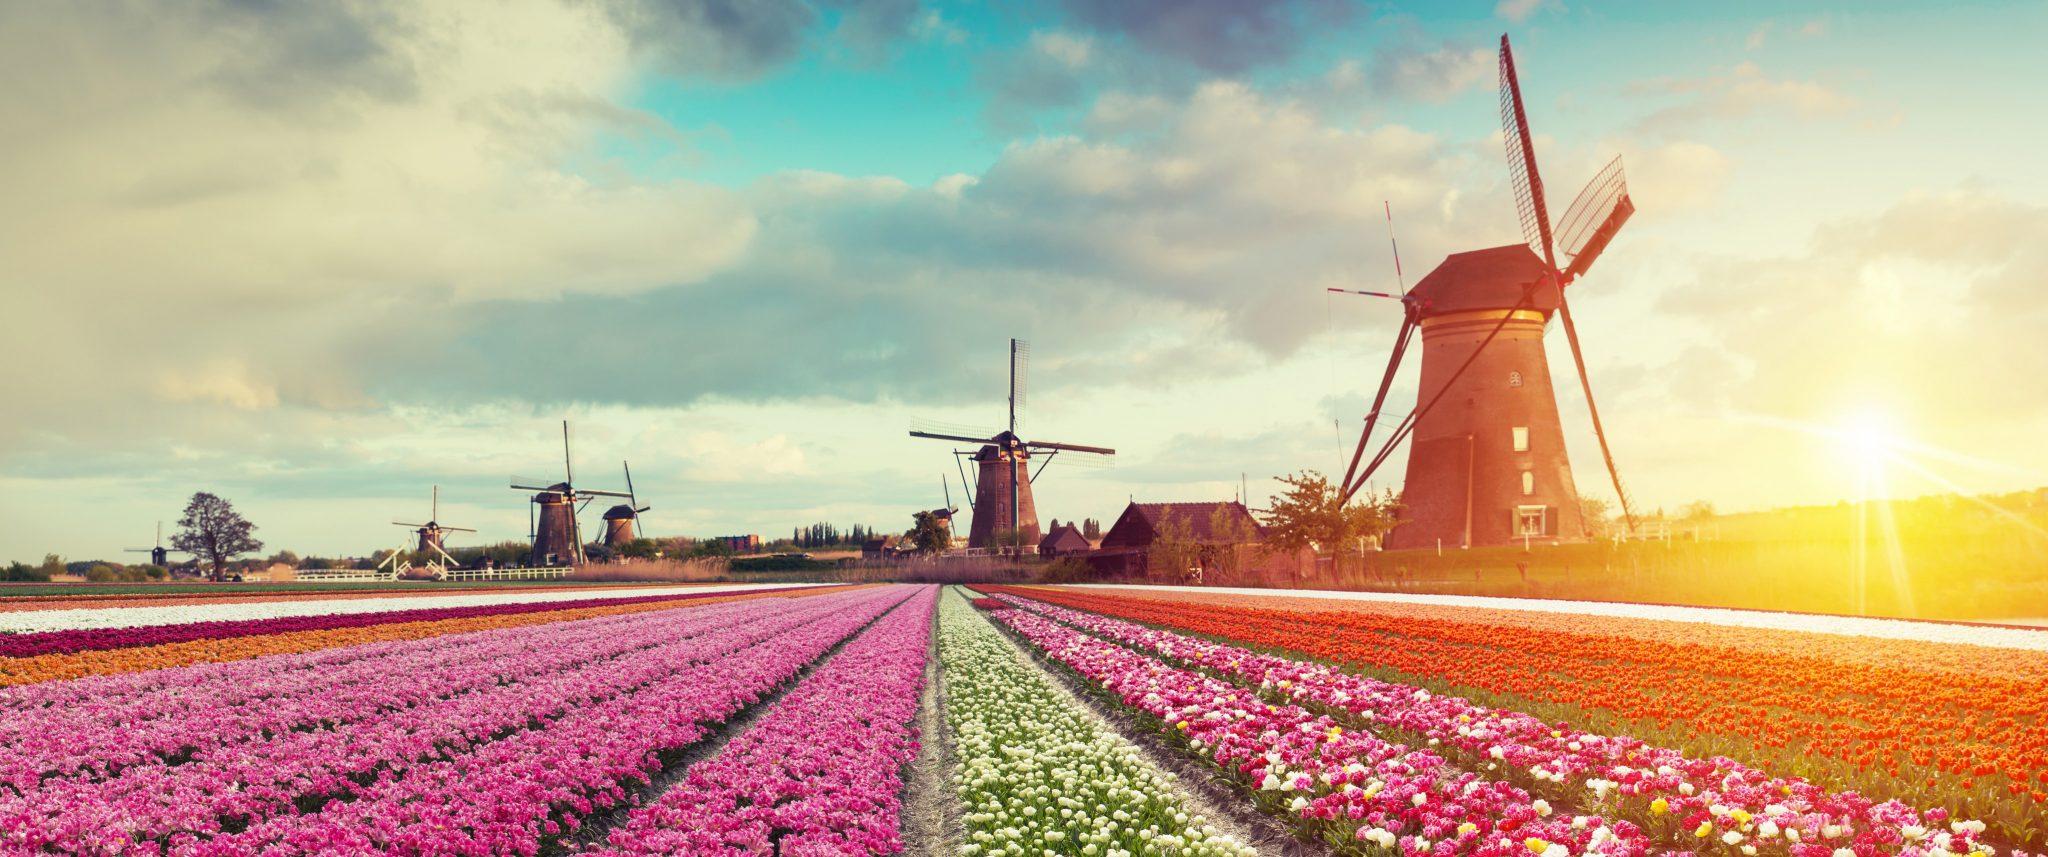 28 procent van alle Nederlanders slaat zomervakantie in 2019 overvakantieland maar